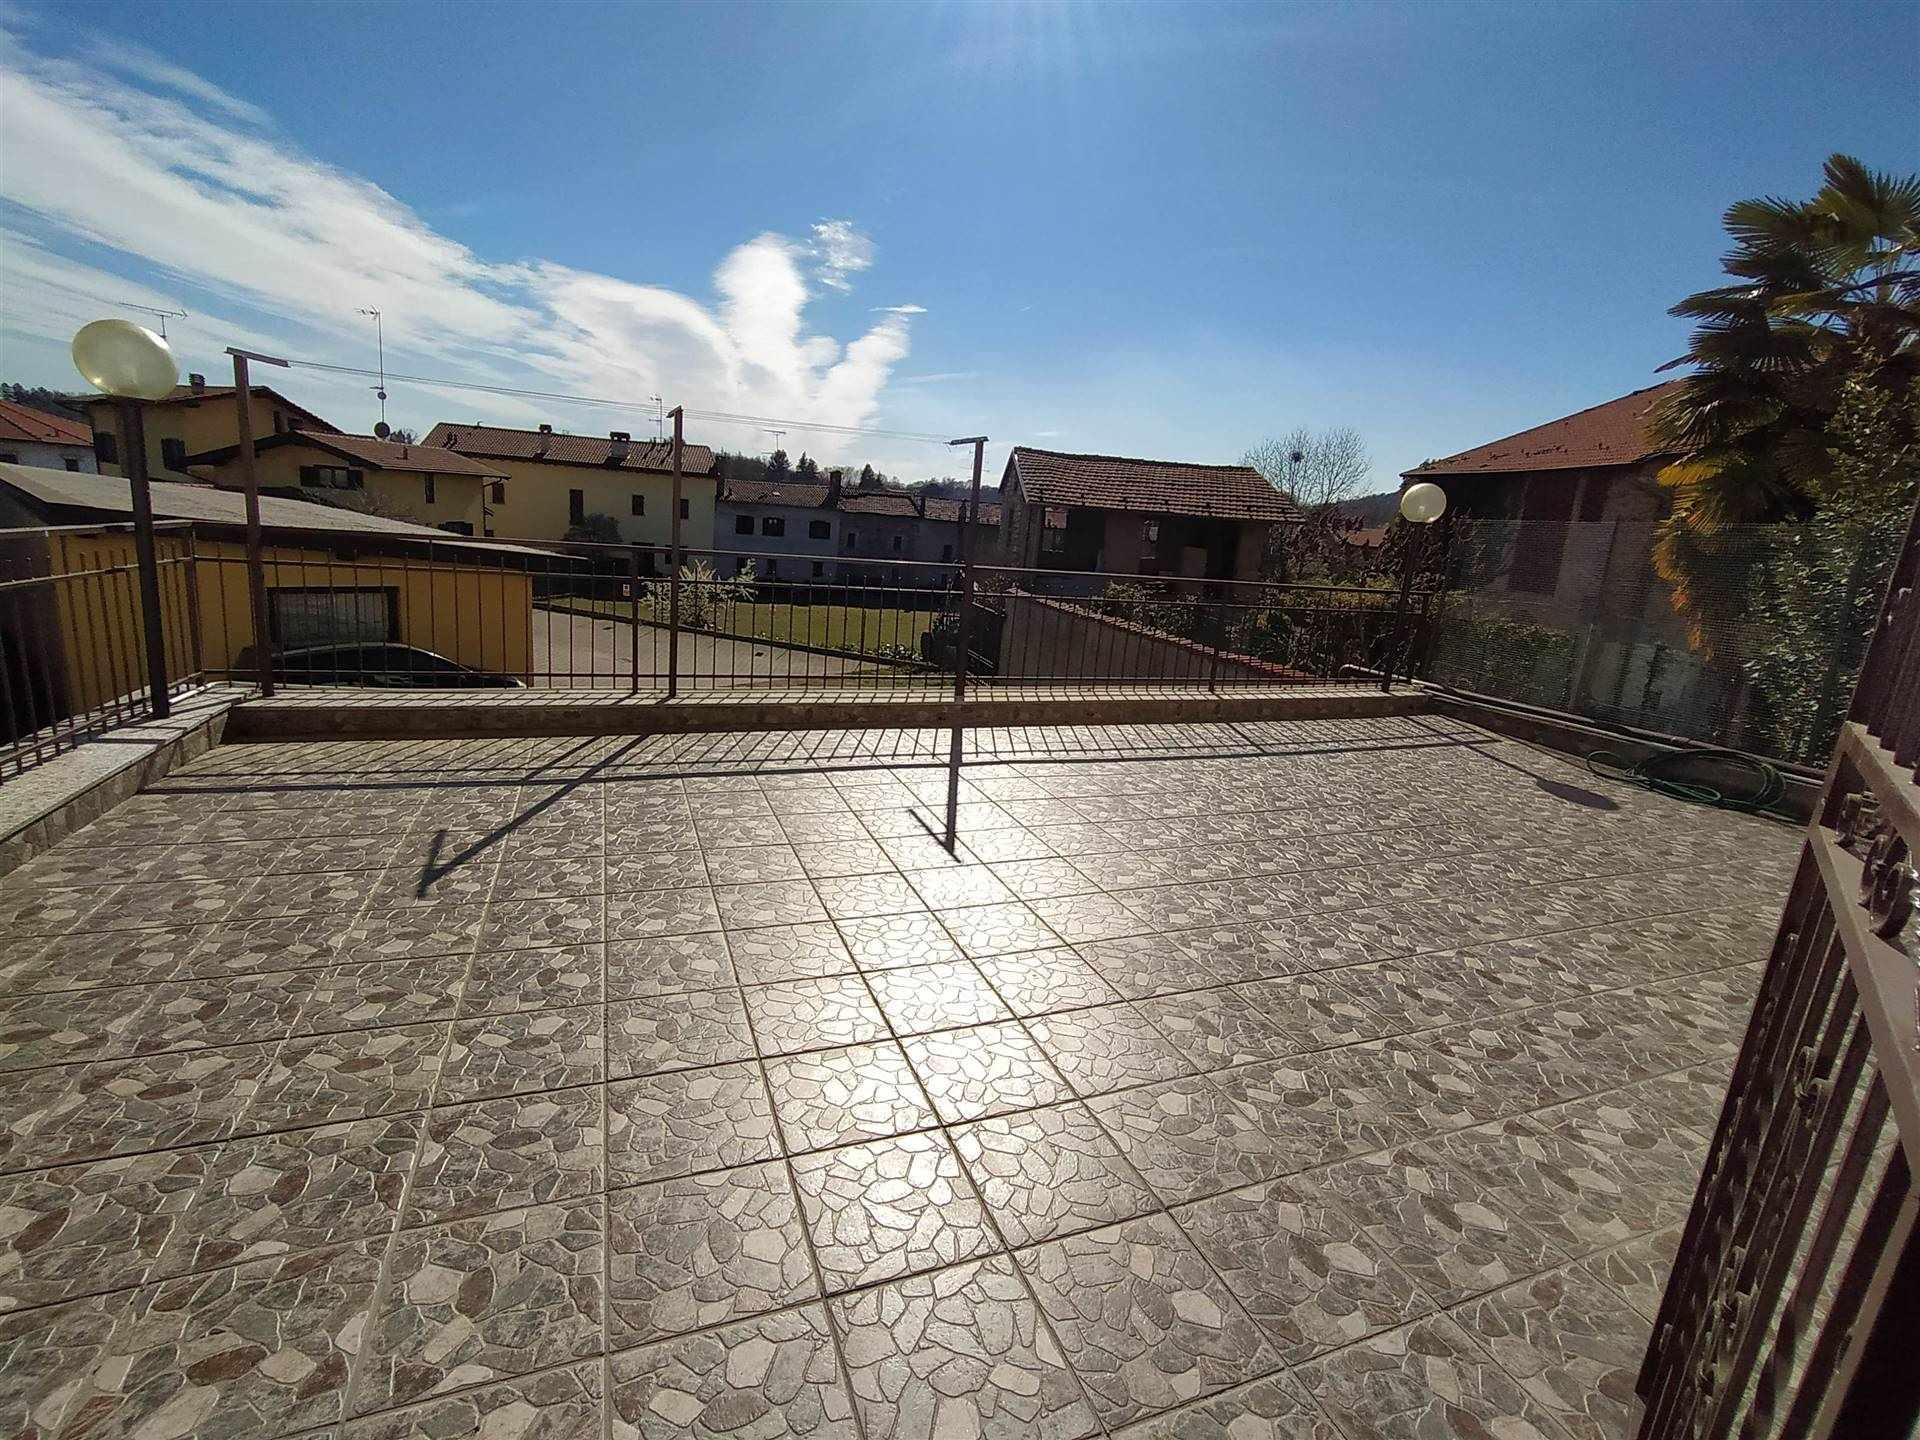 Appartamento in vendita a Invorio, 2 locali, zona Località: INVORIO SUPERIORE, prezzo € 79.000   PortaleAgenzieImmobiliari.it